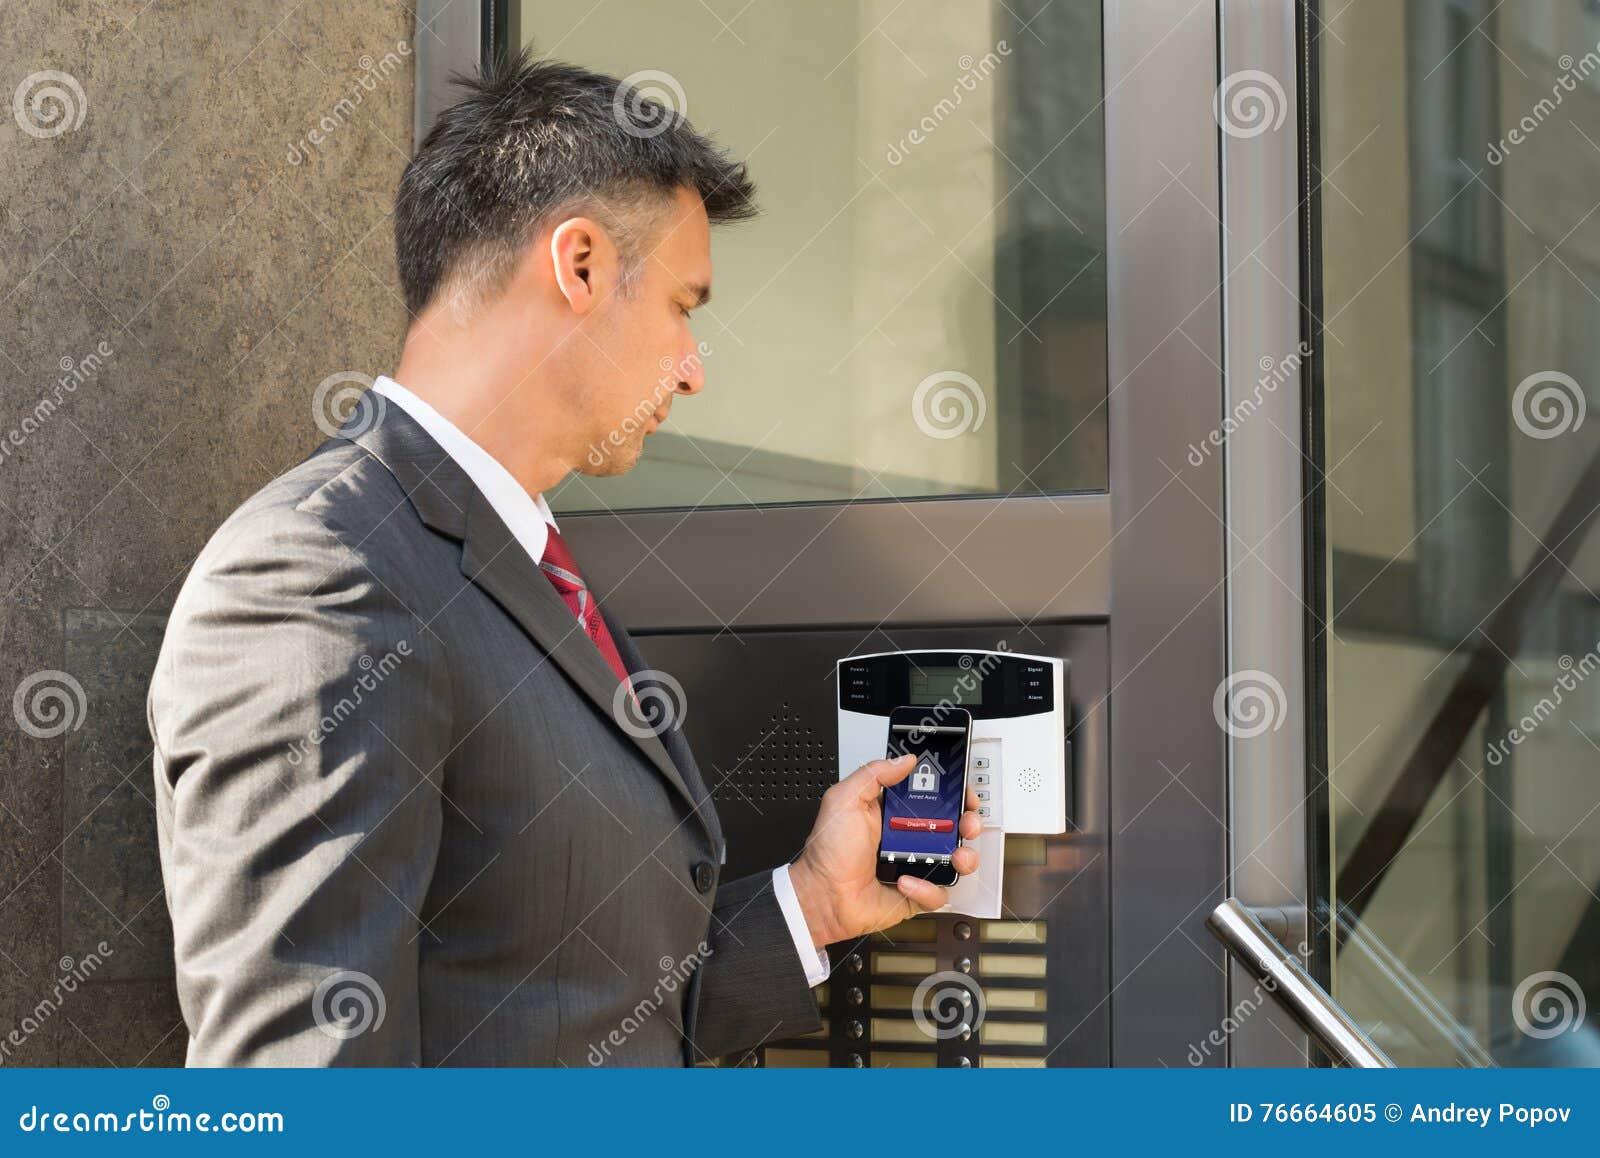 门商人解除武装的保安系统与智能手机的